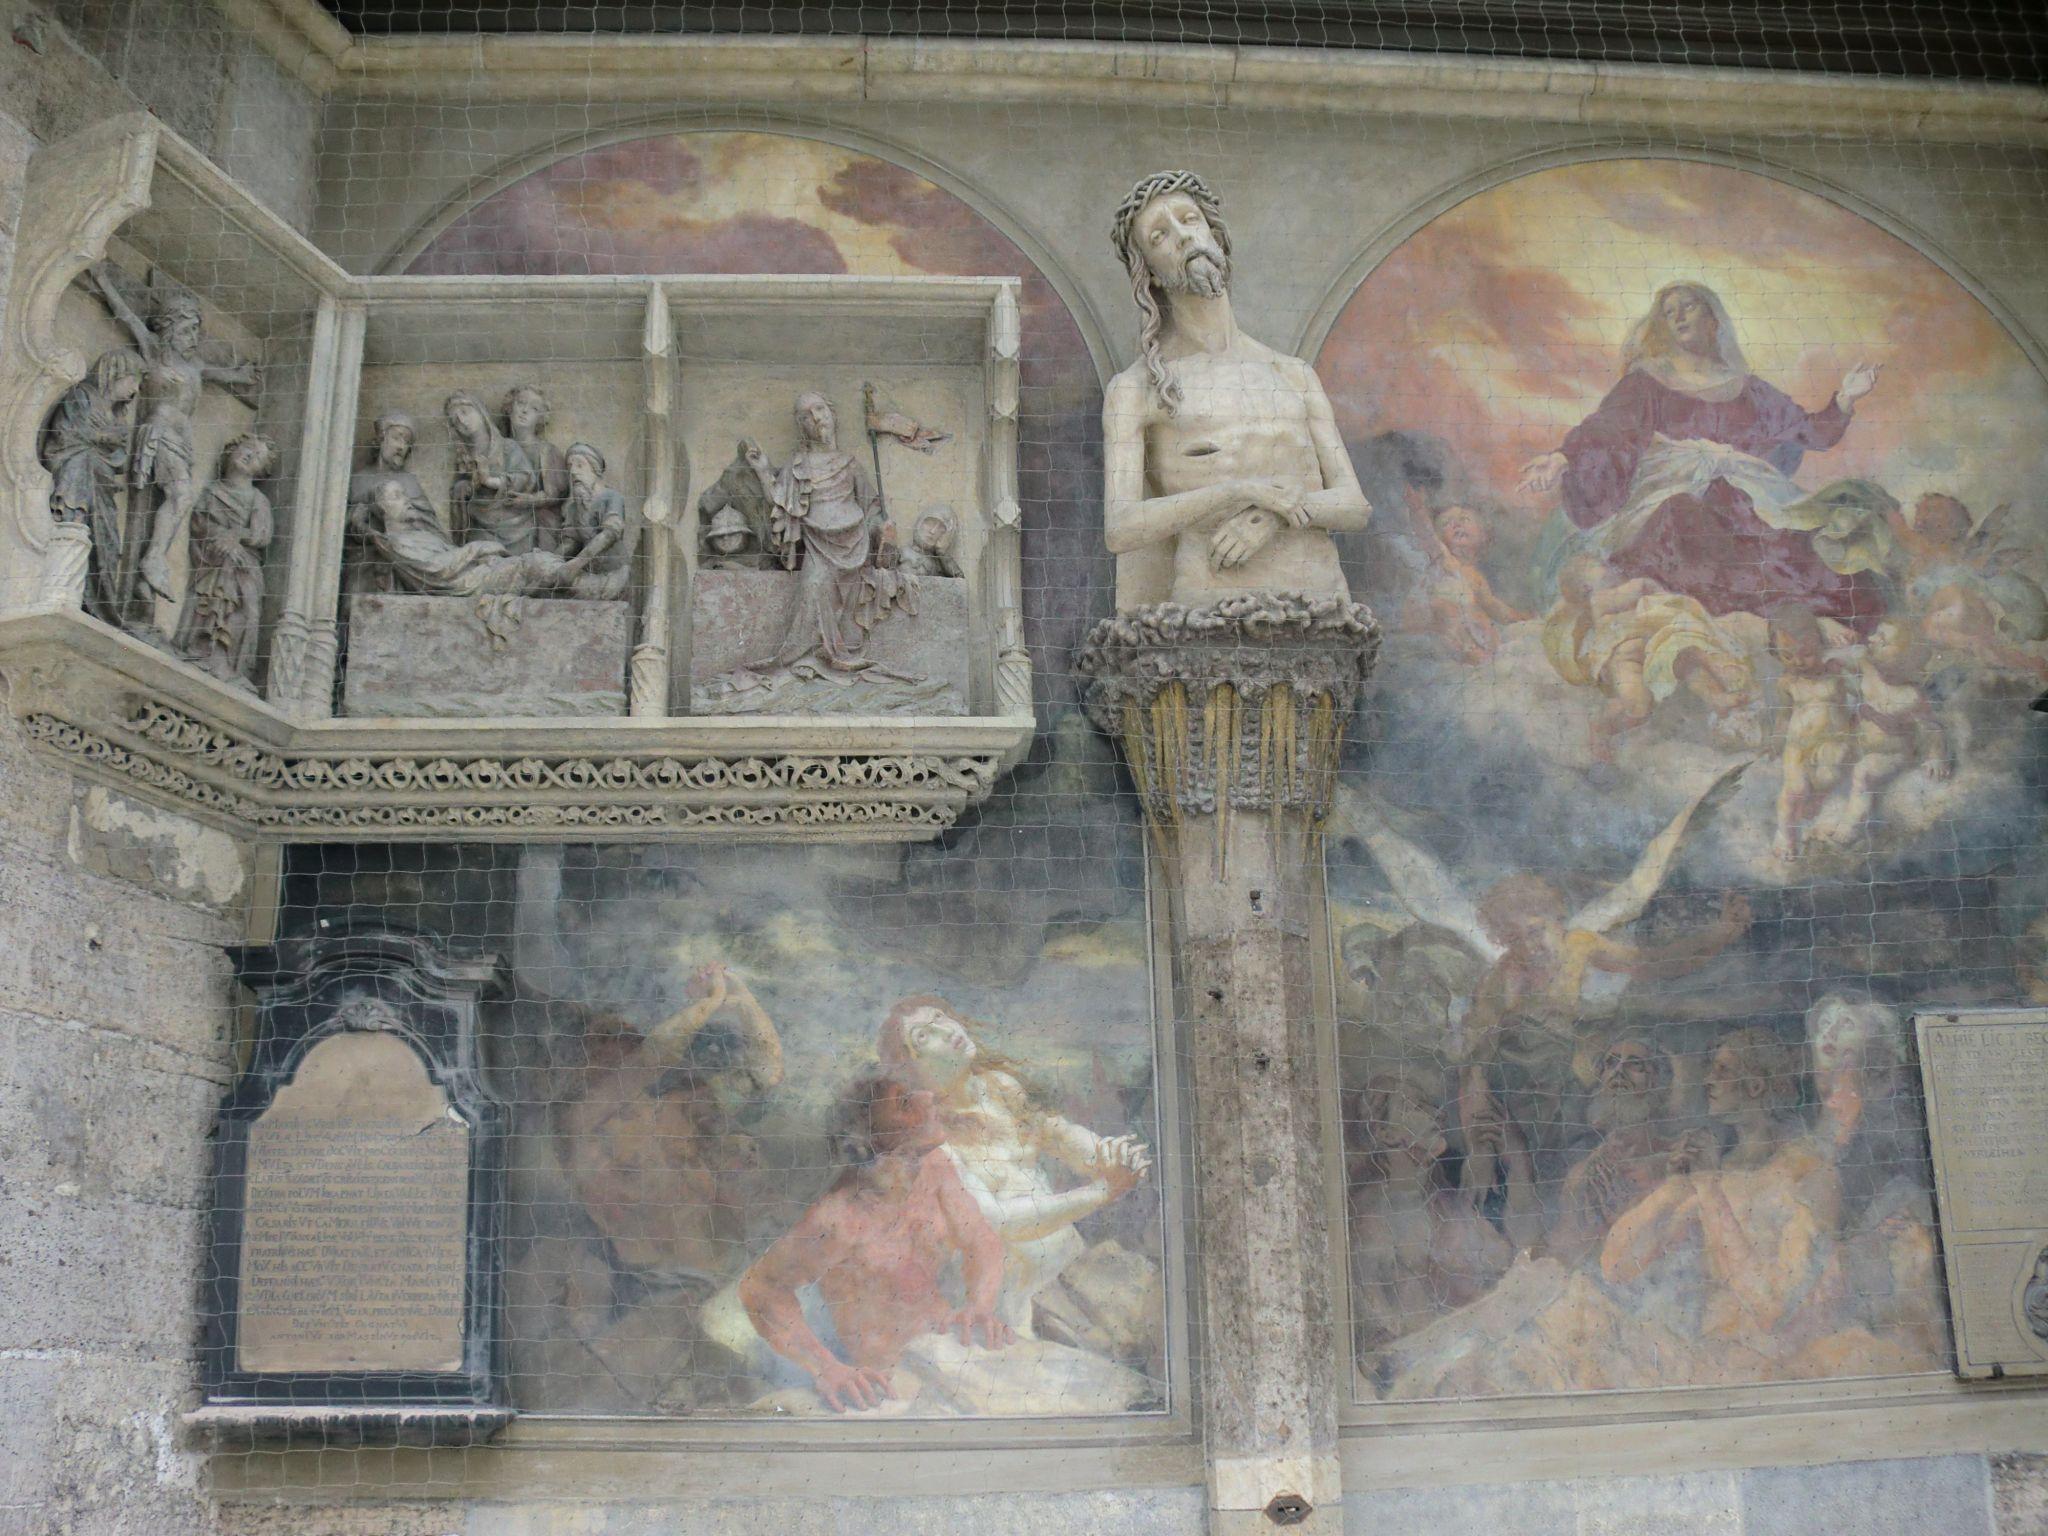 Vienna cathedral 41 1440x1080 - Vienna: elegant beauty